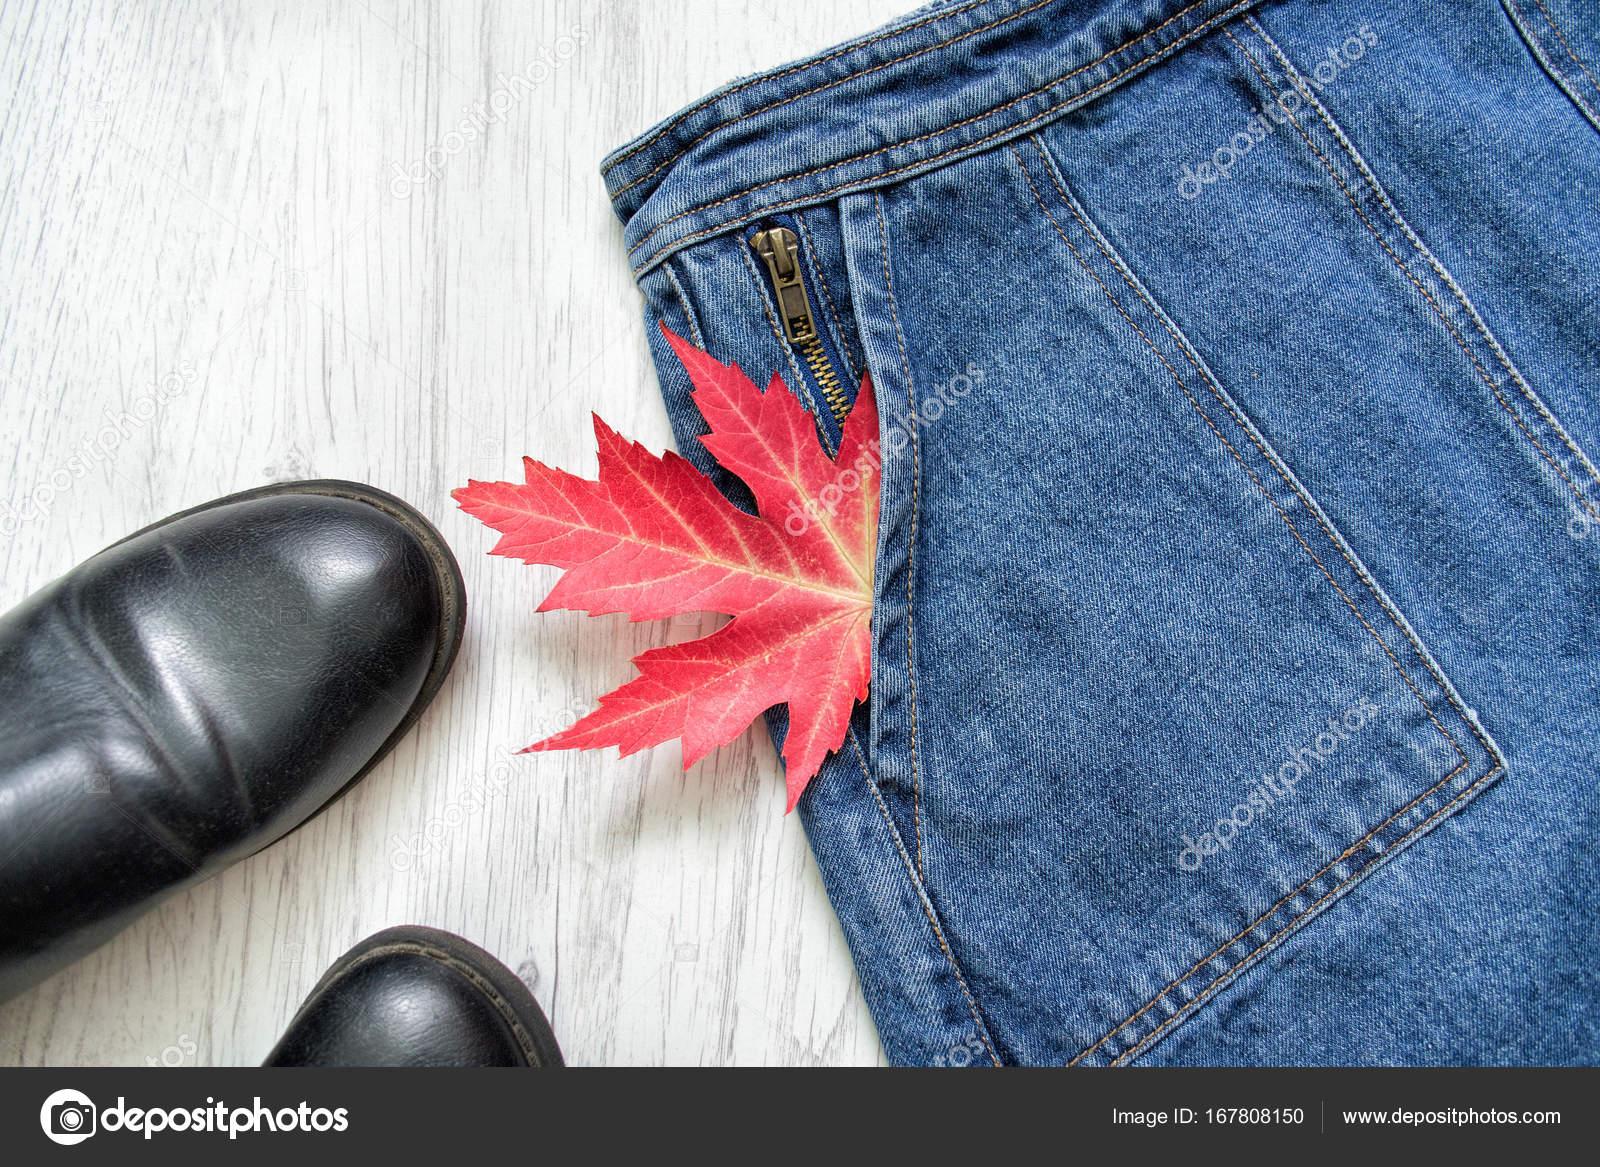 78cec56db Farmer szoknya, fekete cipő, és Vörös juhar levél, kollázs. Divatos ...